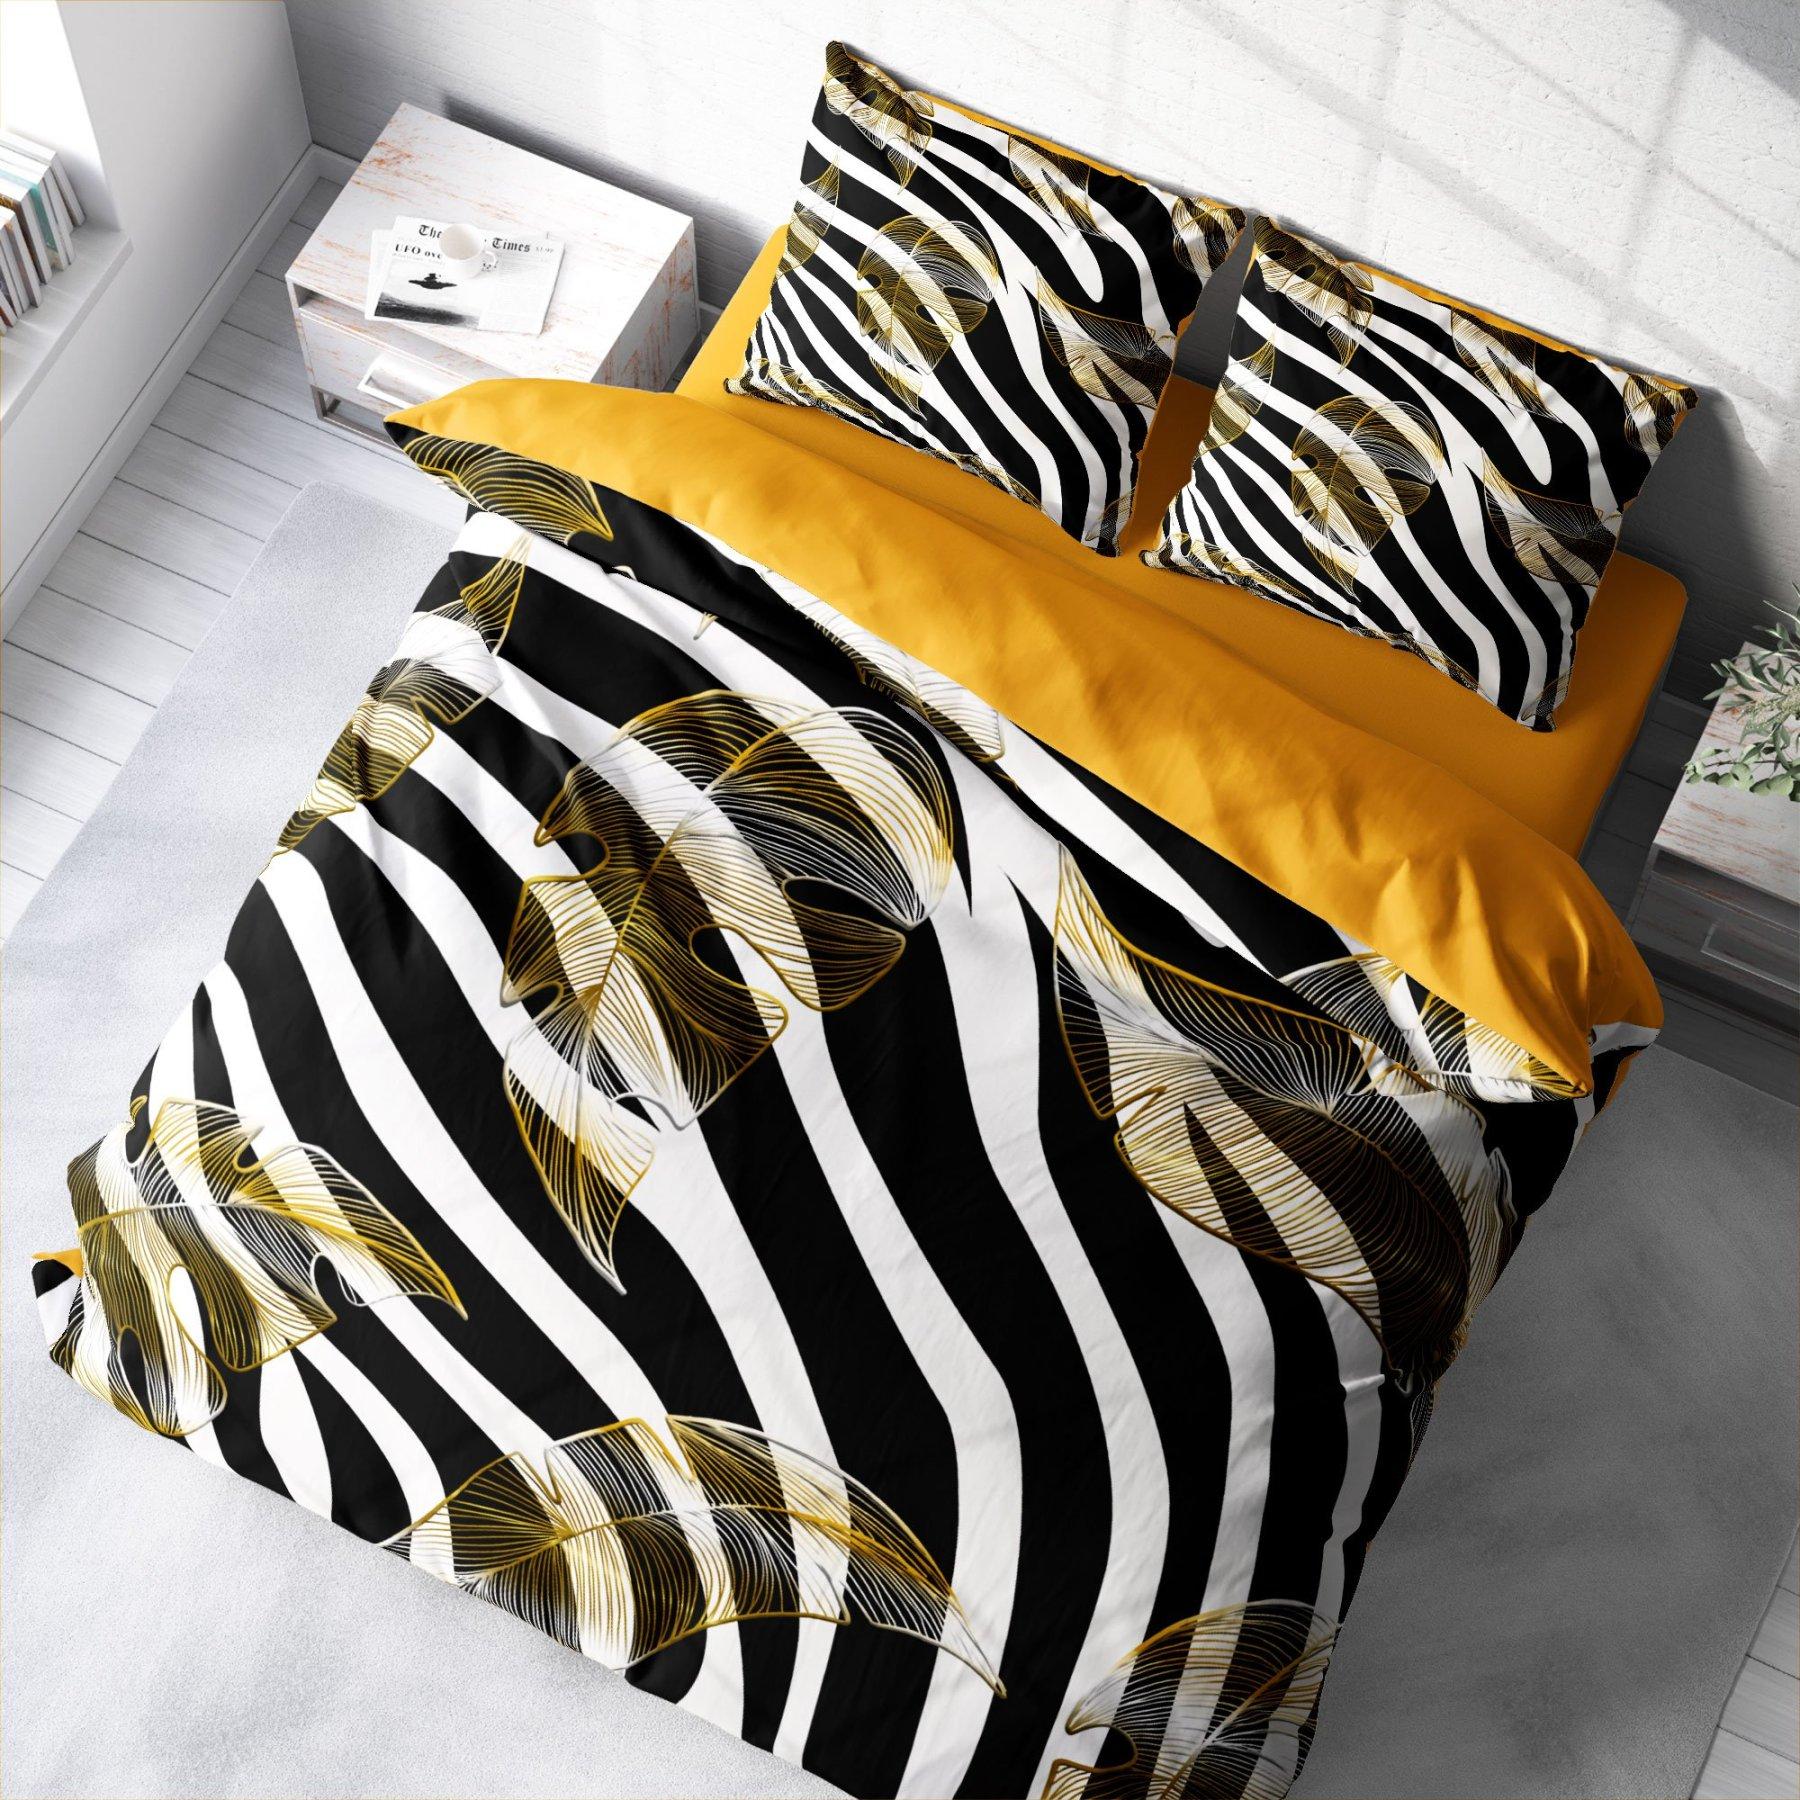 Monohome Zebra Feather 3D Cotton Satin Double Duvet Cover Suit